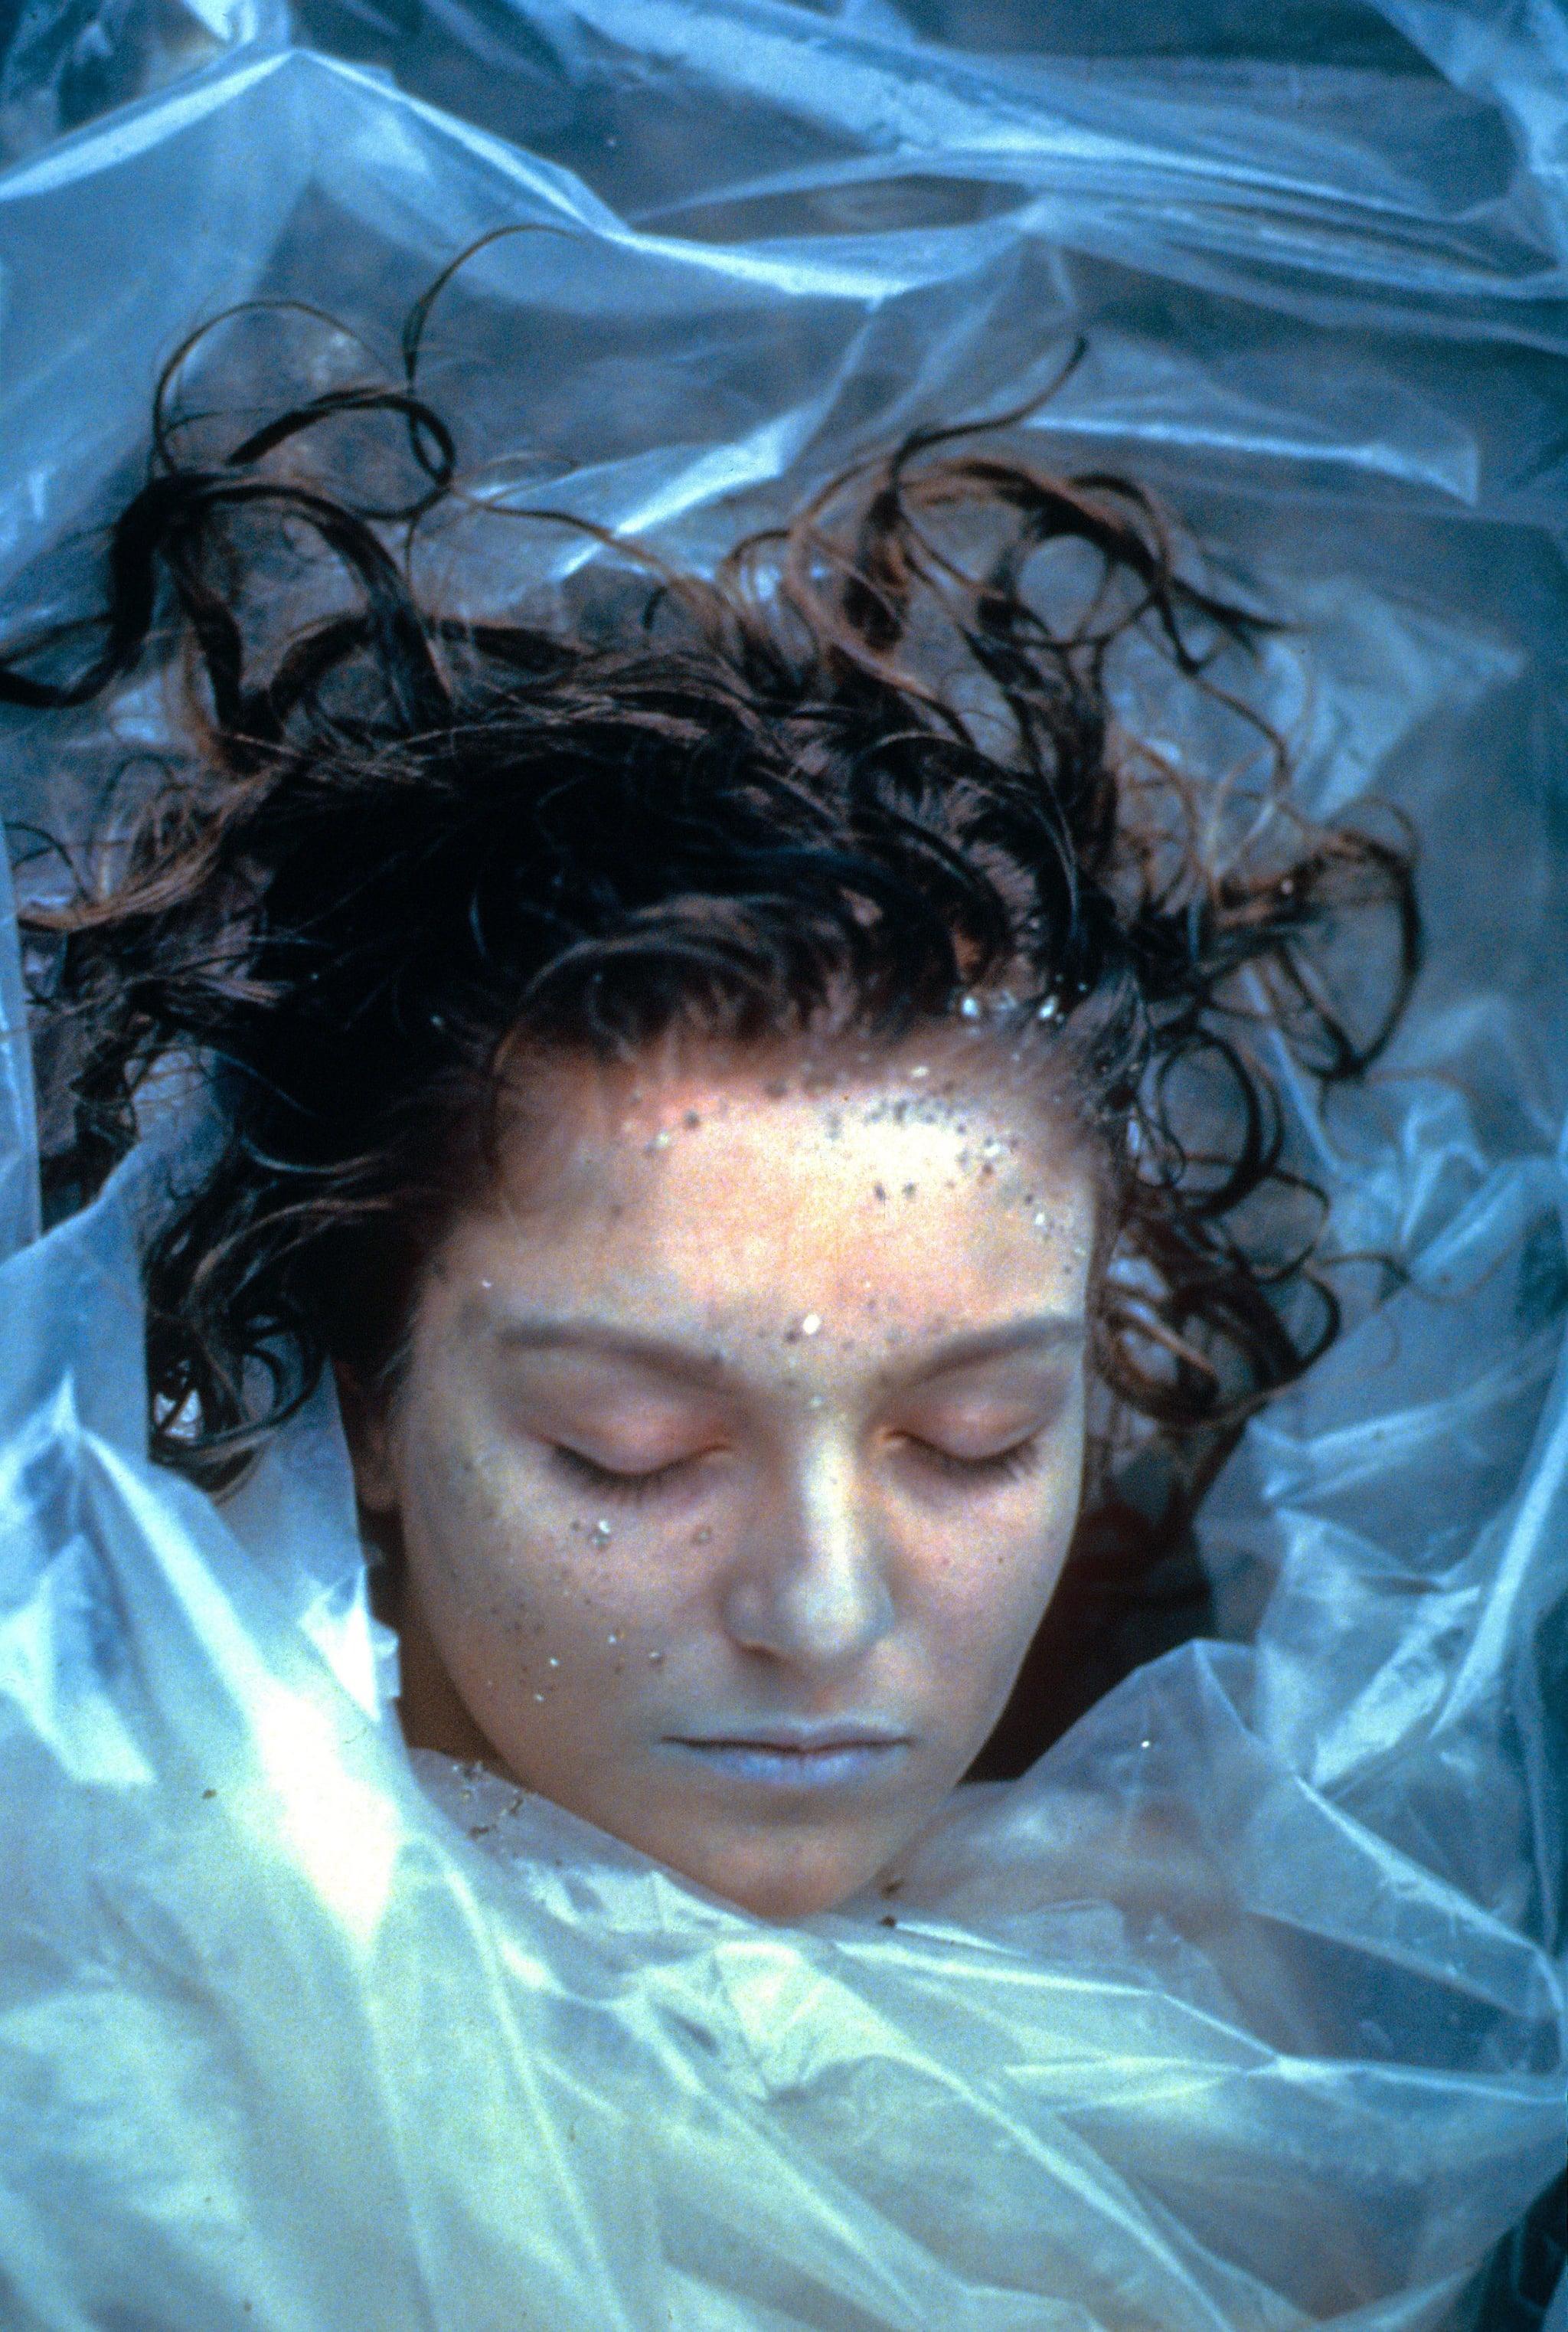 Un'immagine del cadavere di Laura Palmer dalla serie Twin Peaks